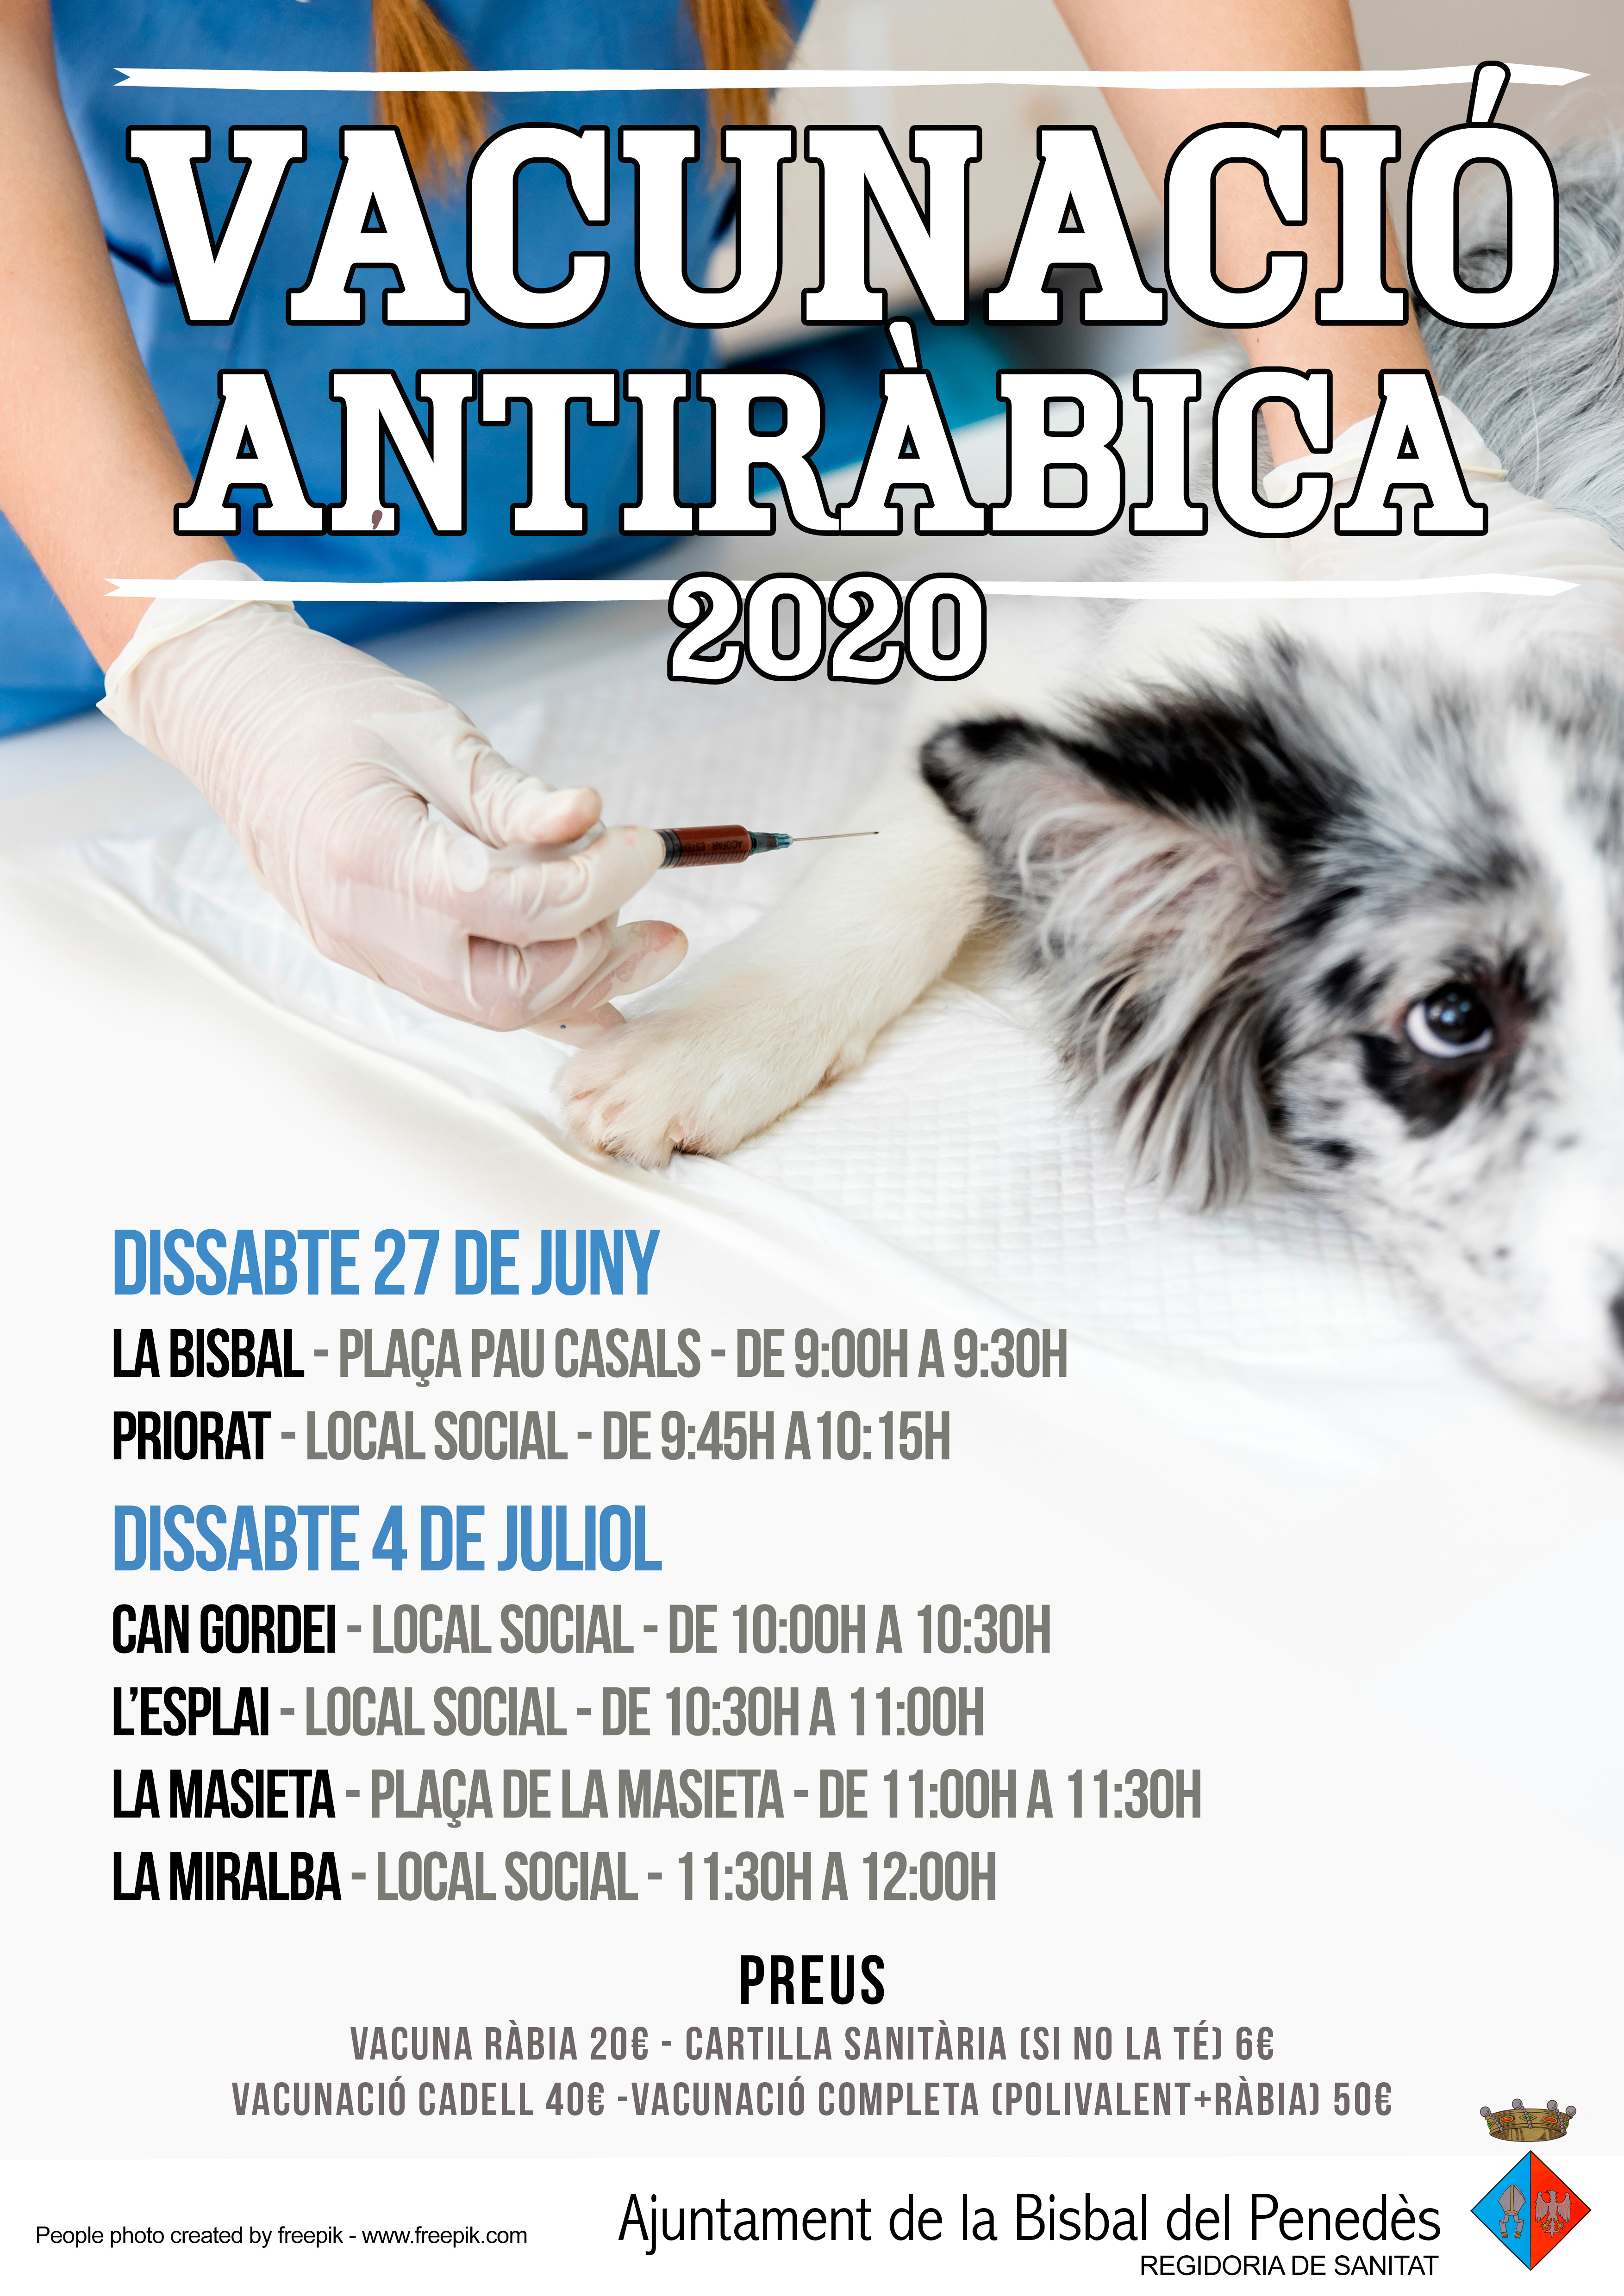 Els dissabtes 27 de juny i 4 de juliol podreu vacunar els vostres gossos contra la ràbia a la Bisbal